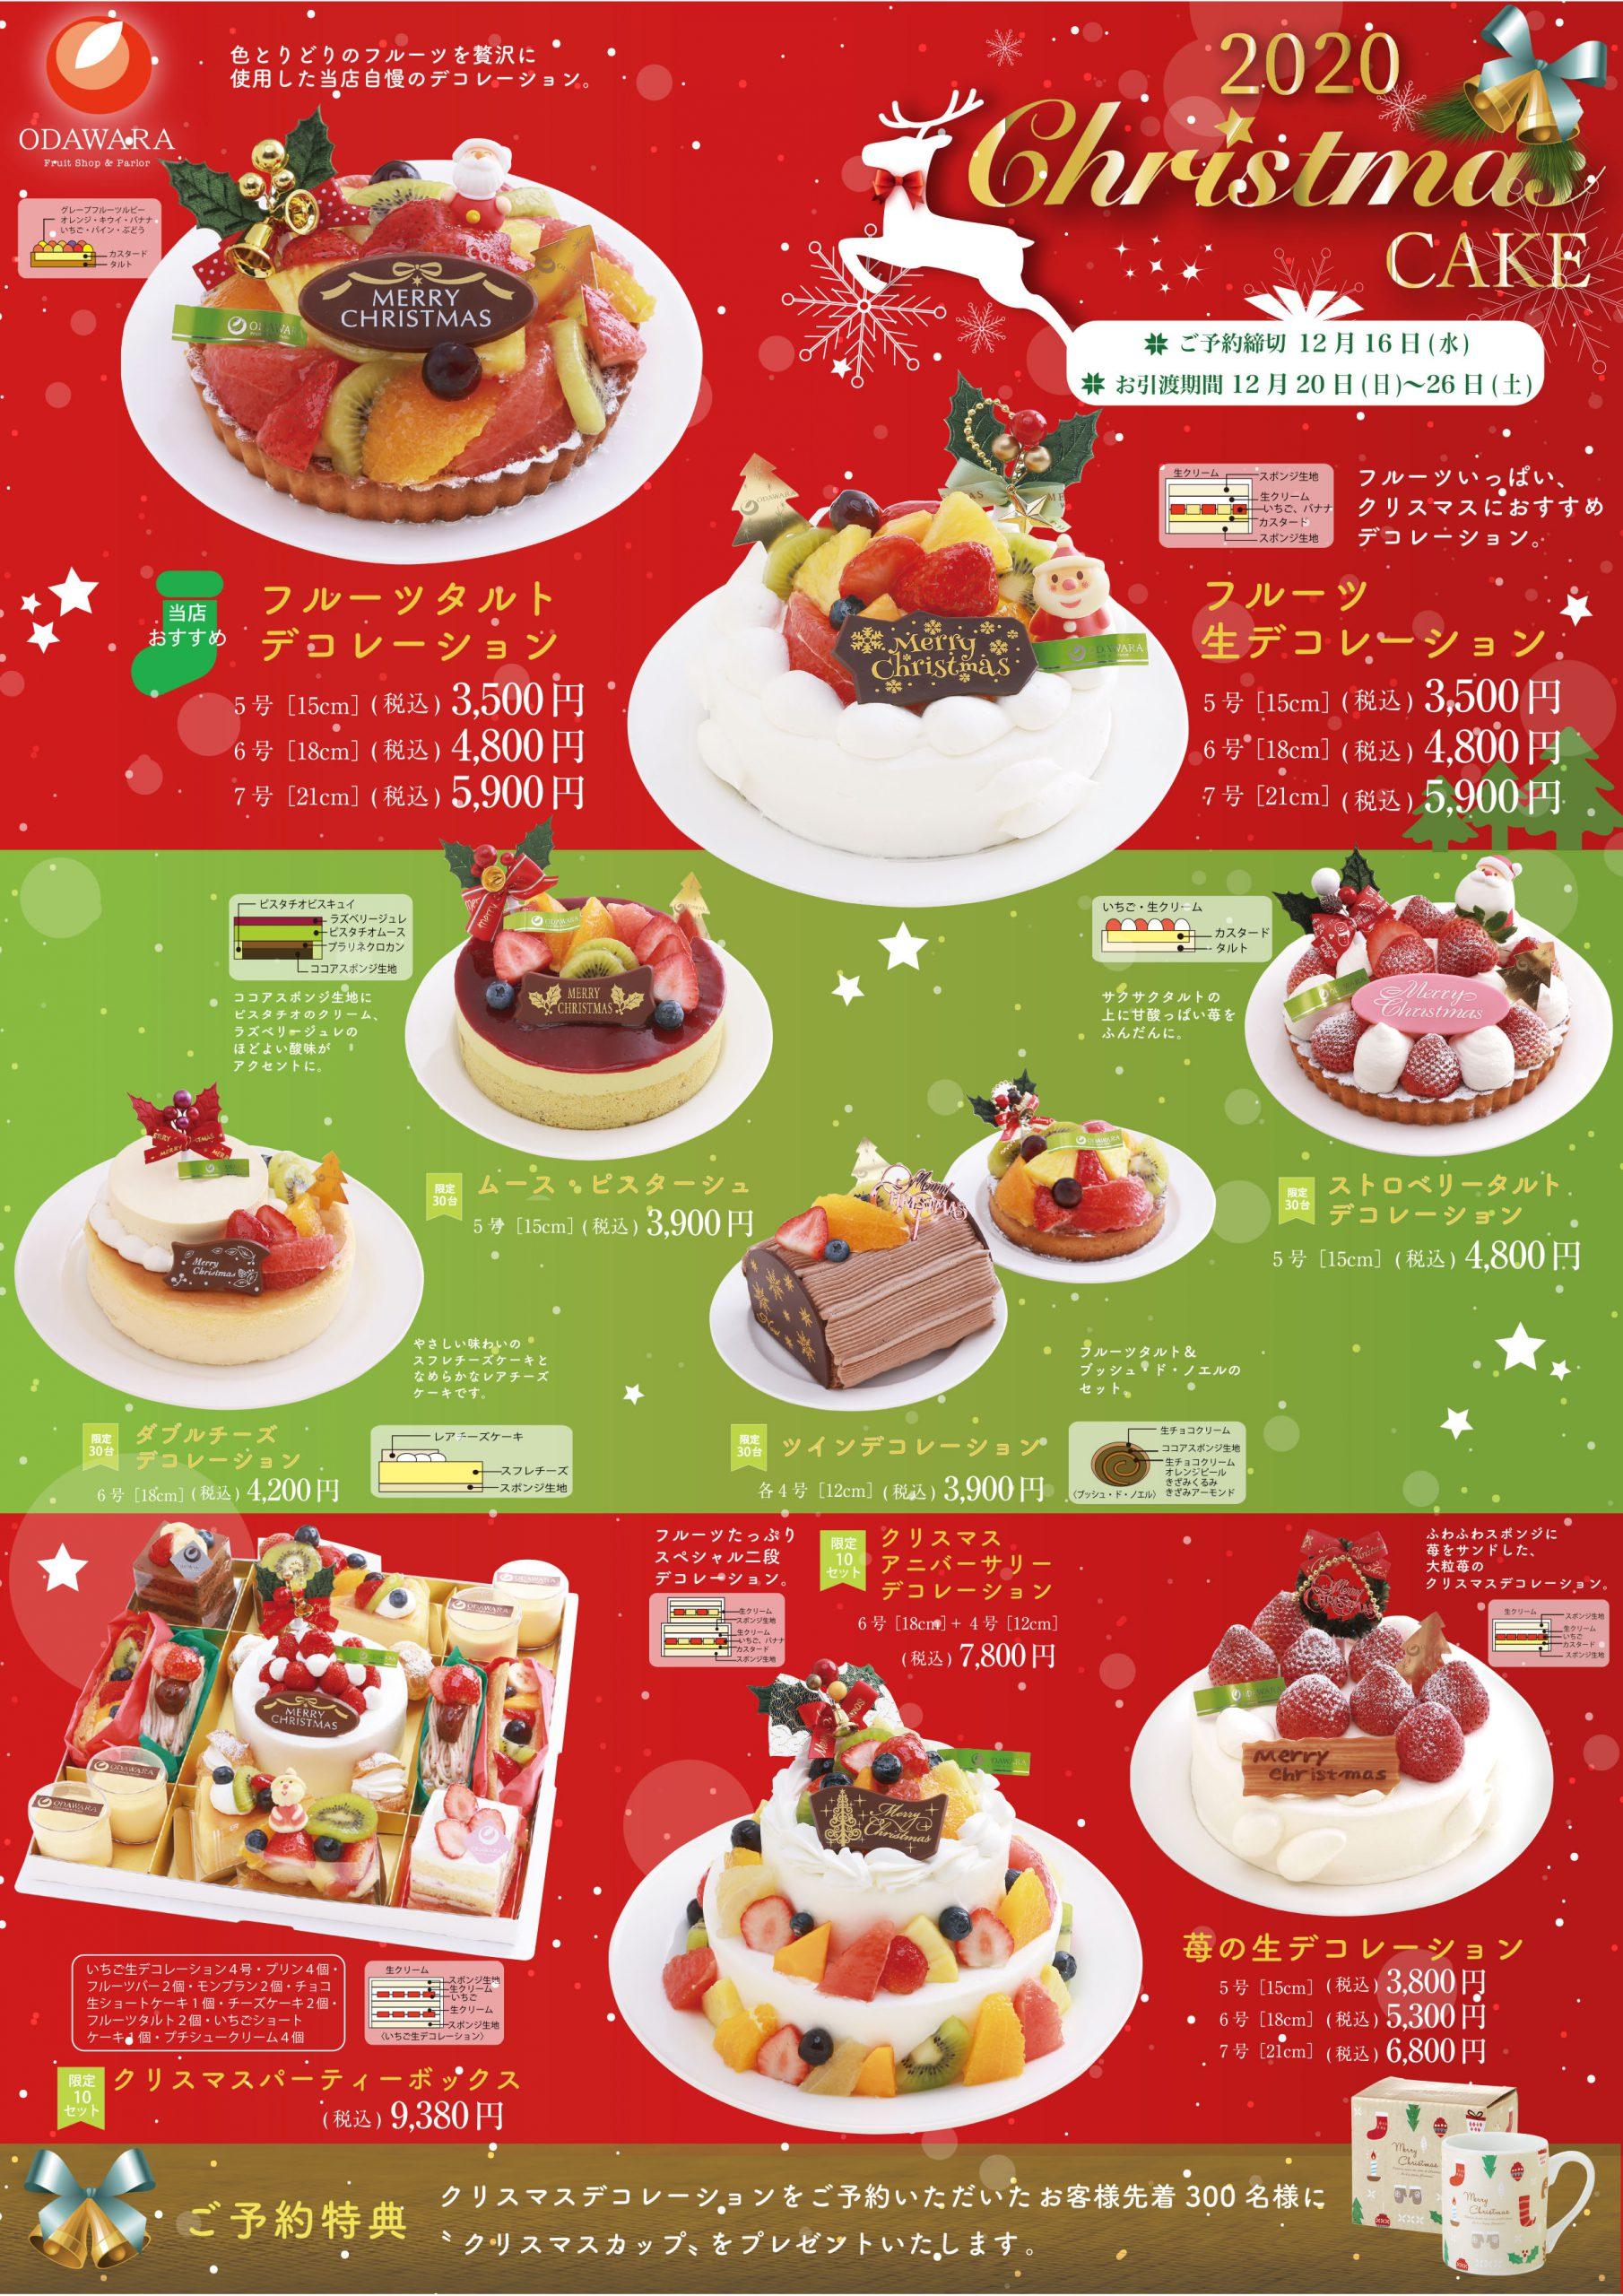 クリスマスケーキご予約受付中です